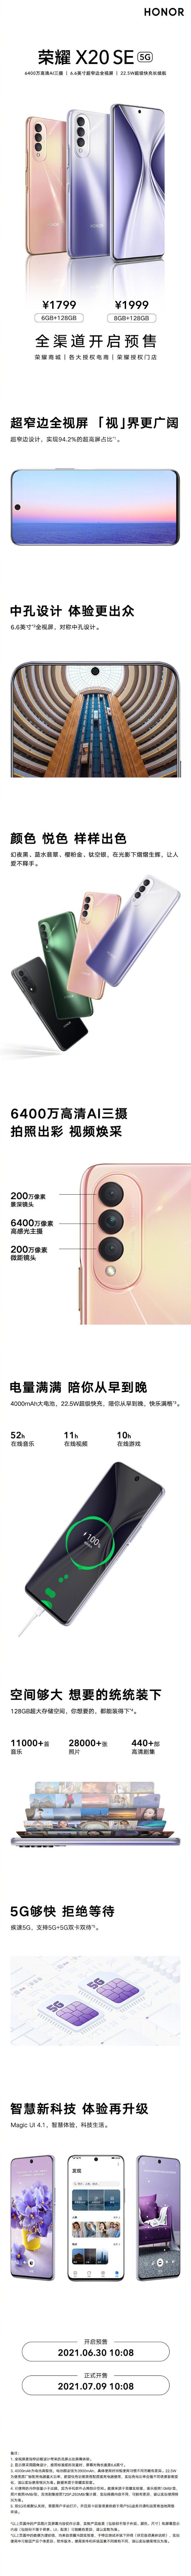 荣耀X20 SE发布:天玑700加持 1799元起